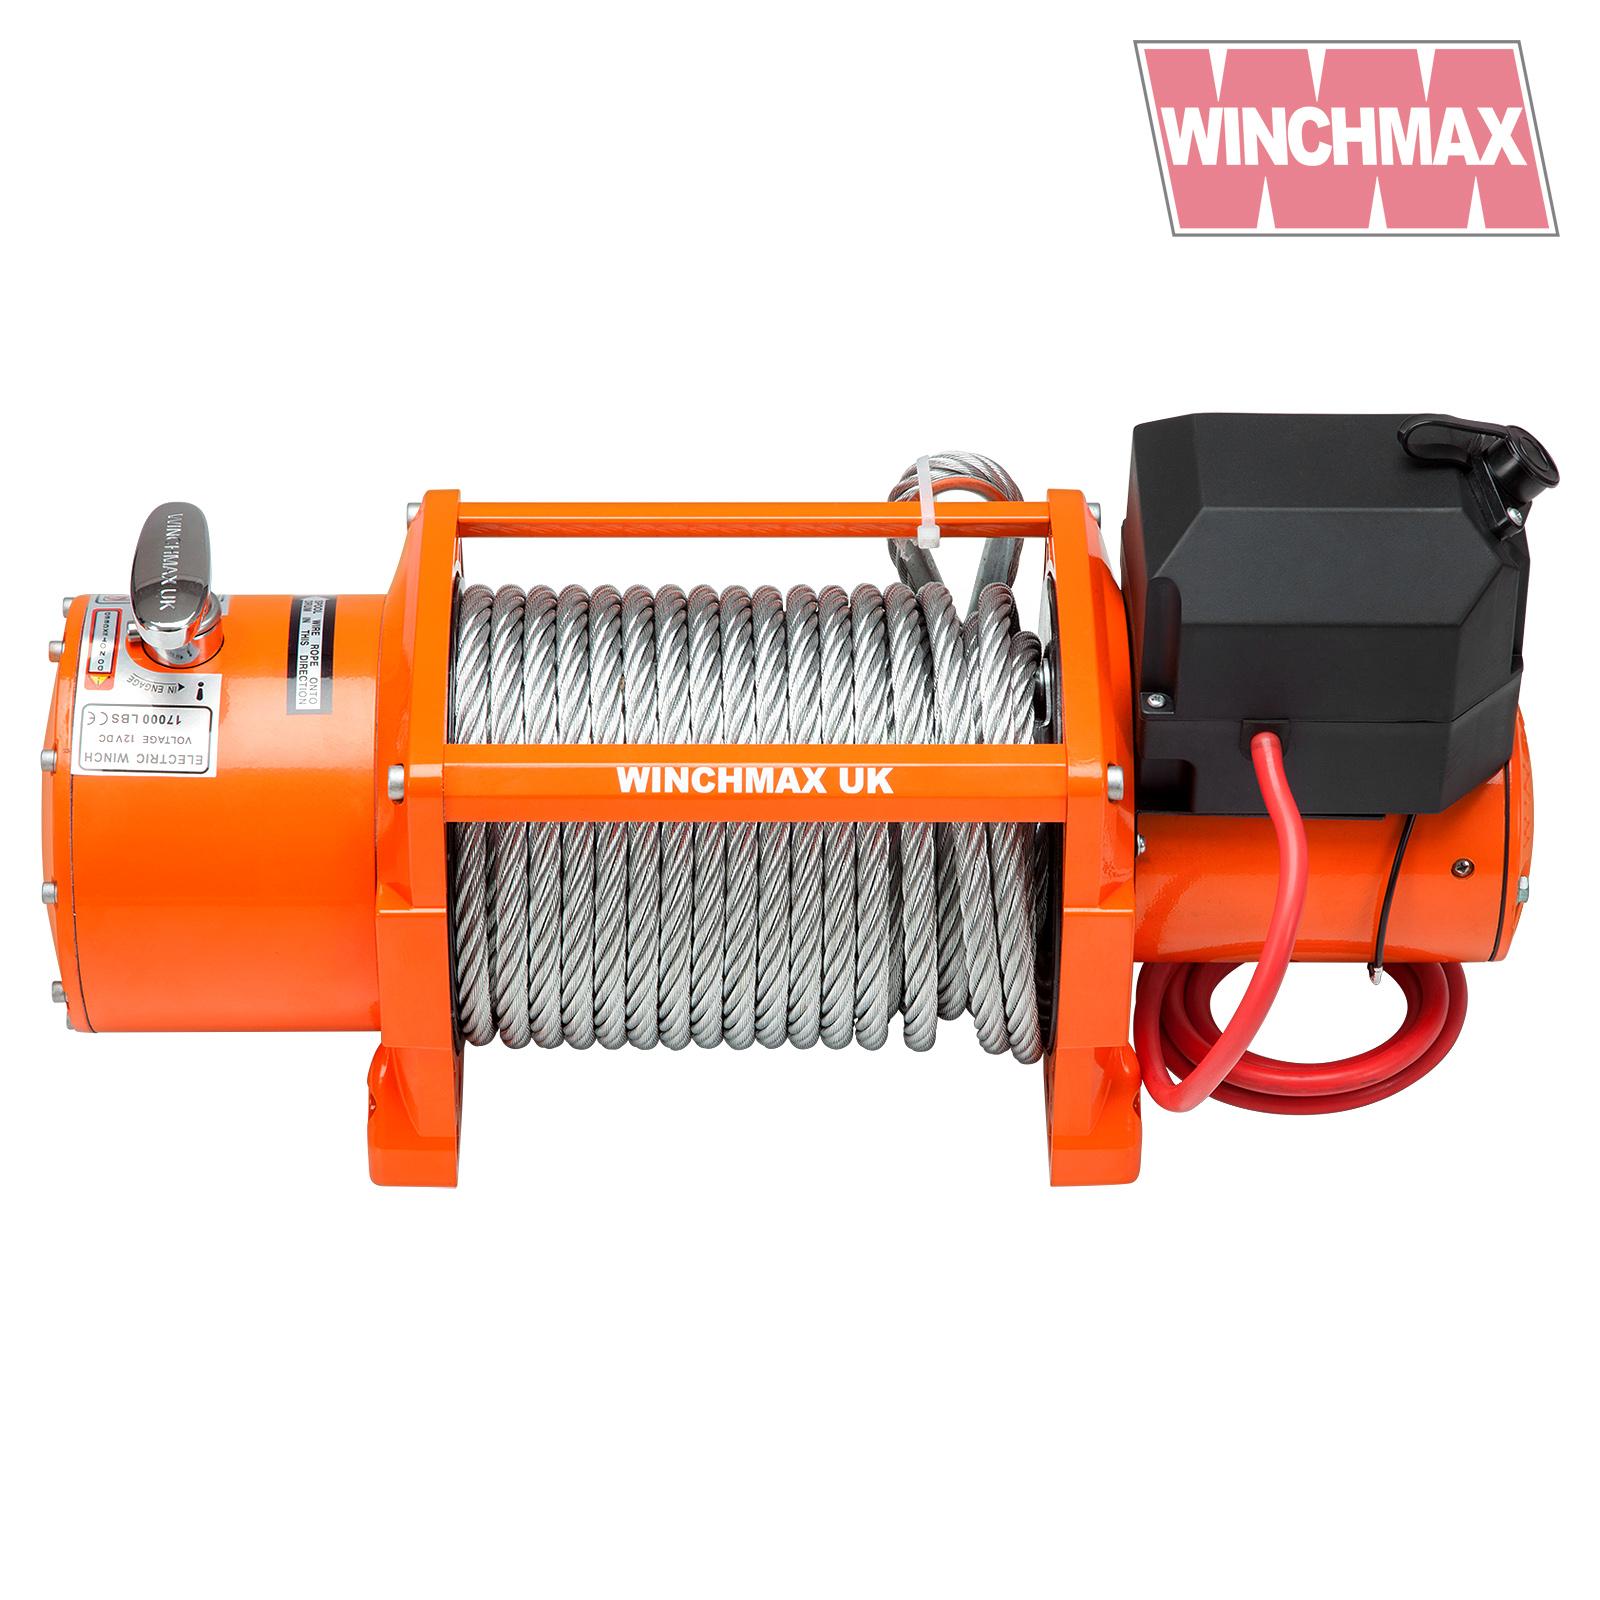 Wm1700024vr winchmax 300 wht